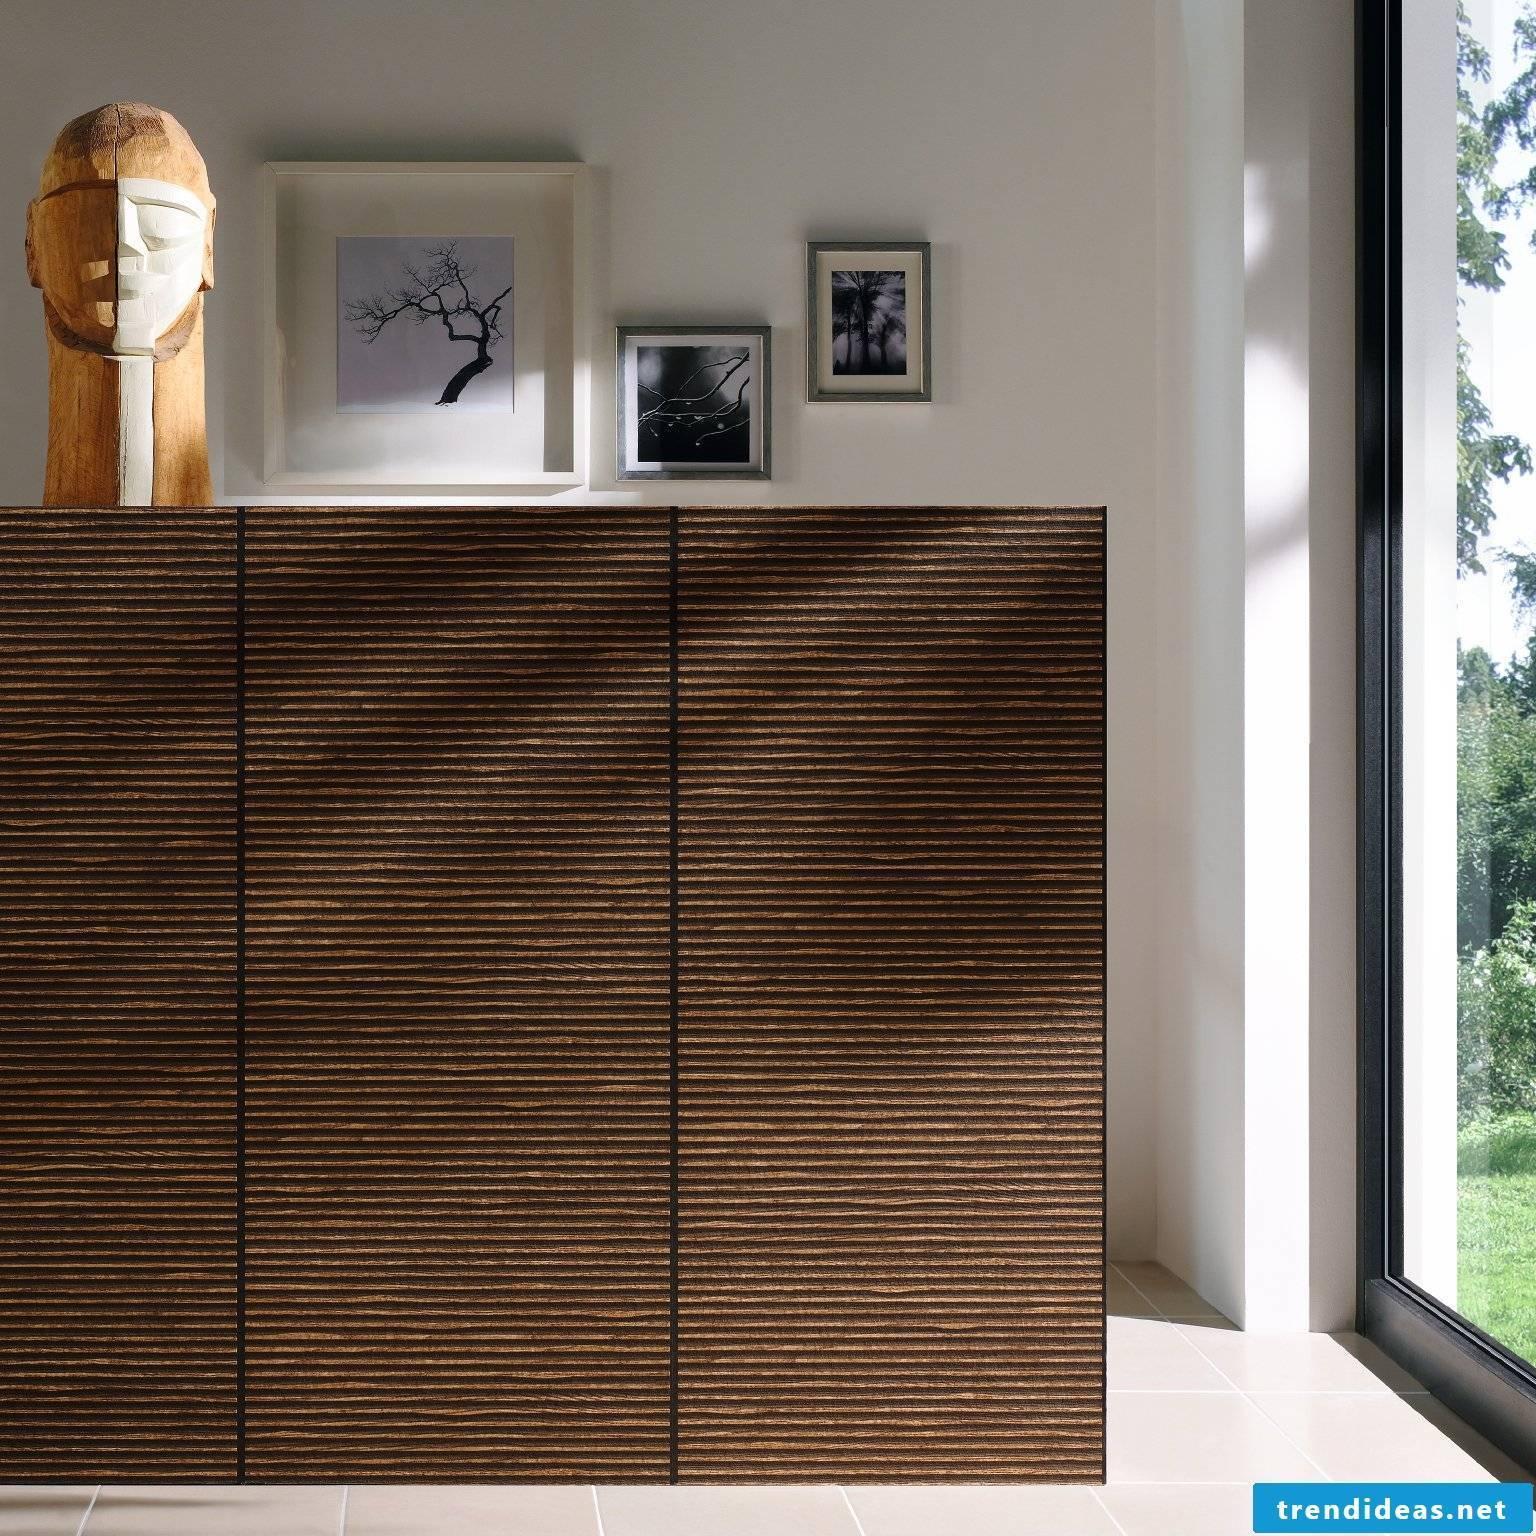 Wallpaper wood look - design tips